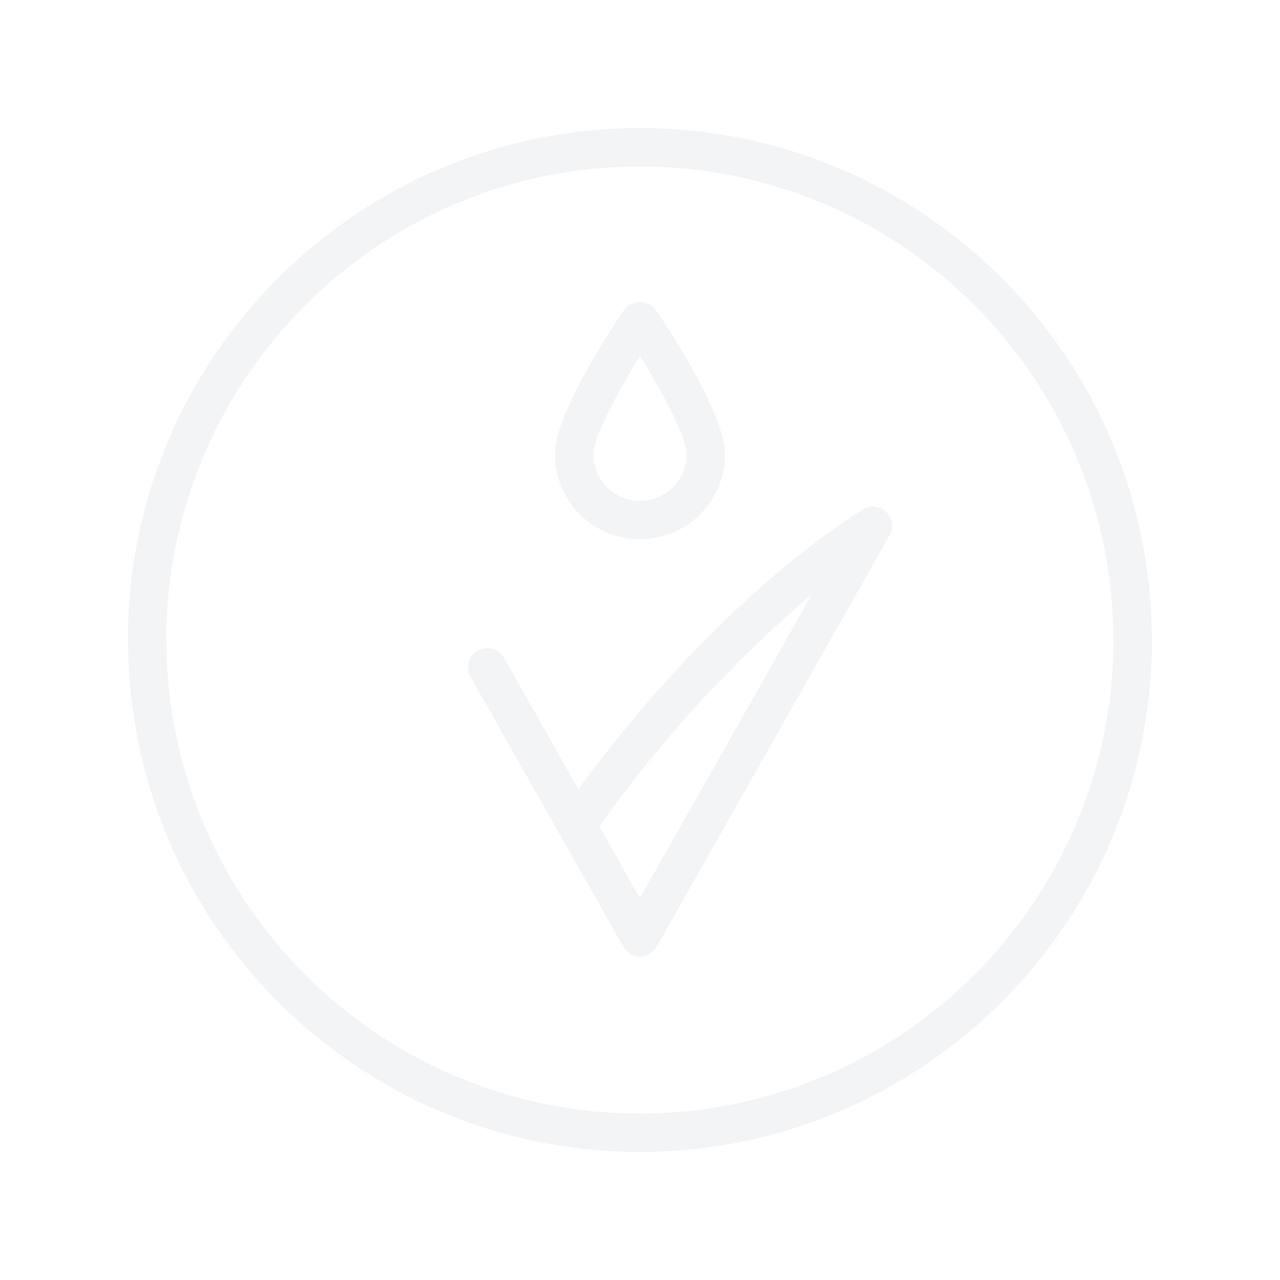 ALESSANDRO Nail Polish No.931 Petite Nana 5ml